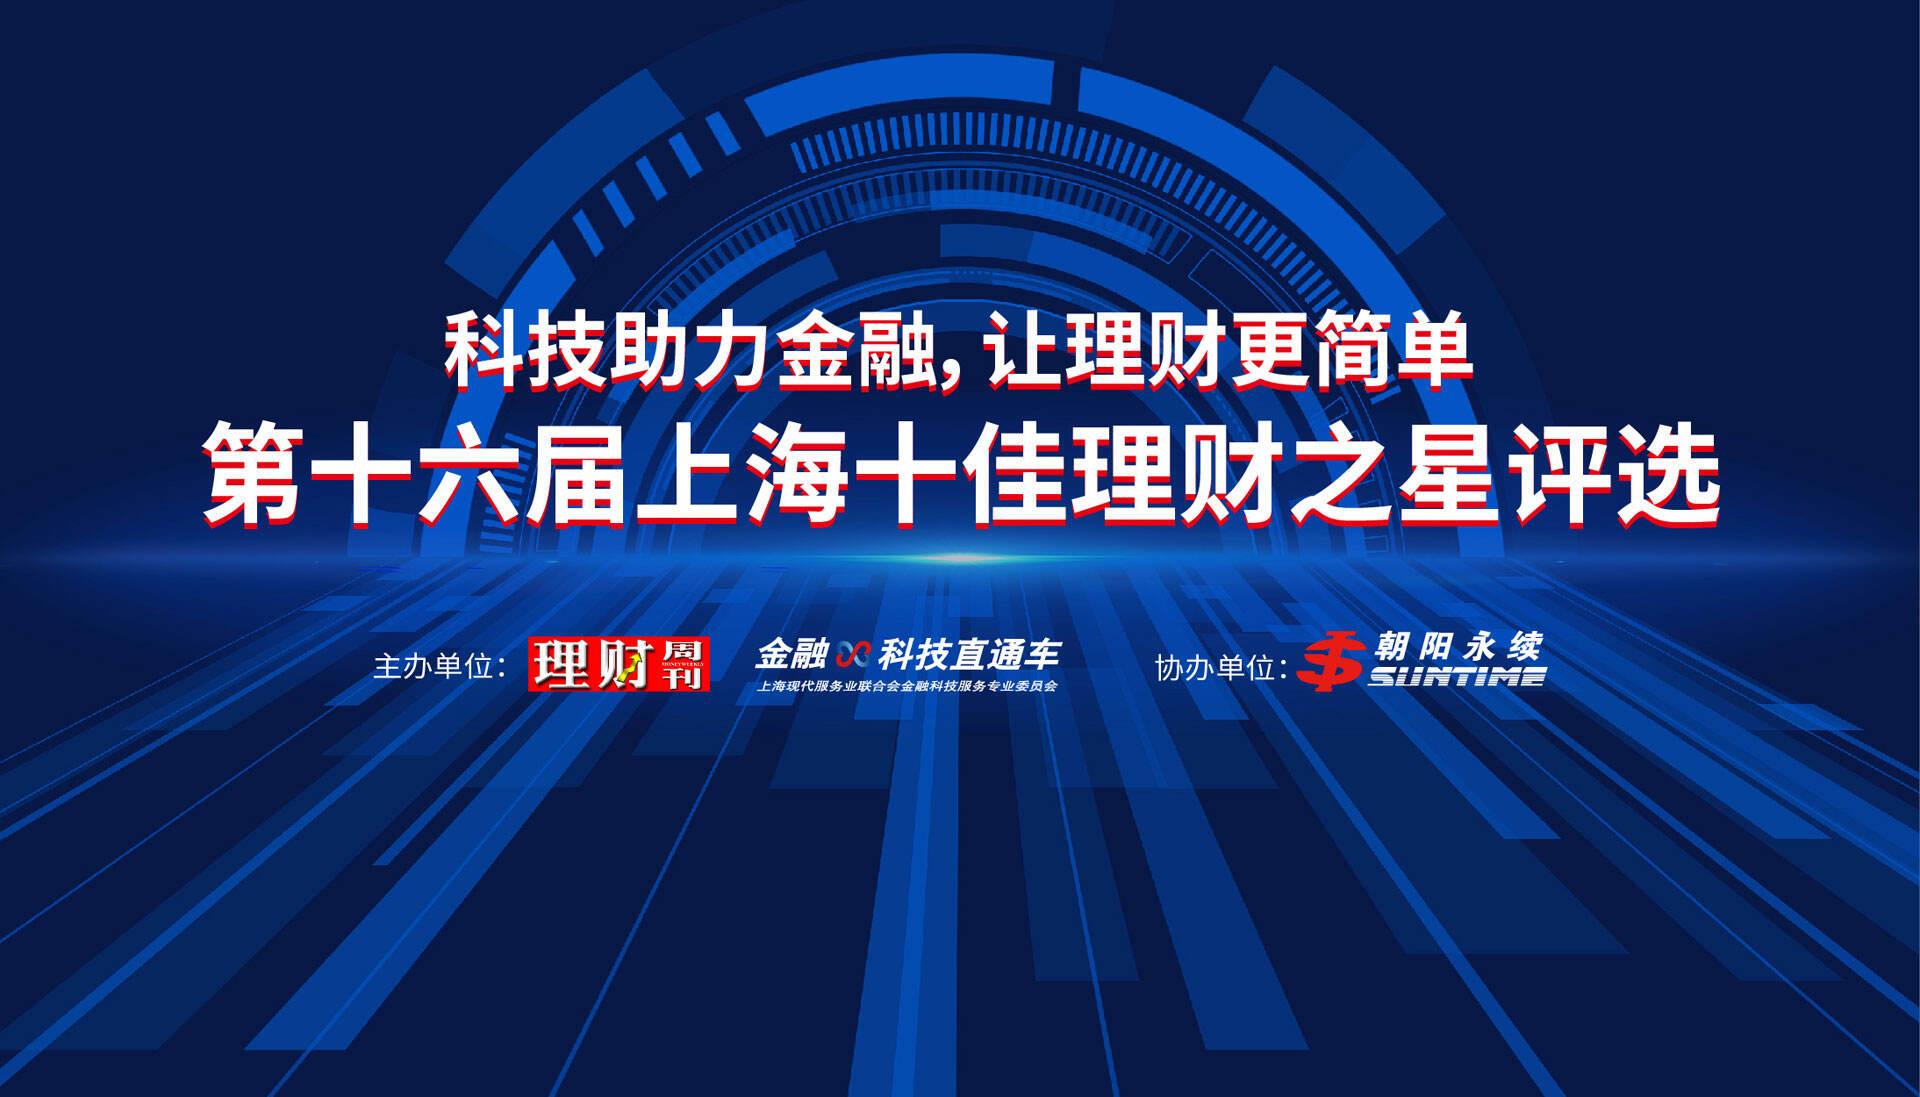 第十六届上海十佳理财之星评选